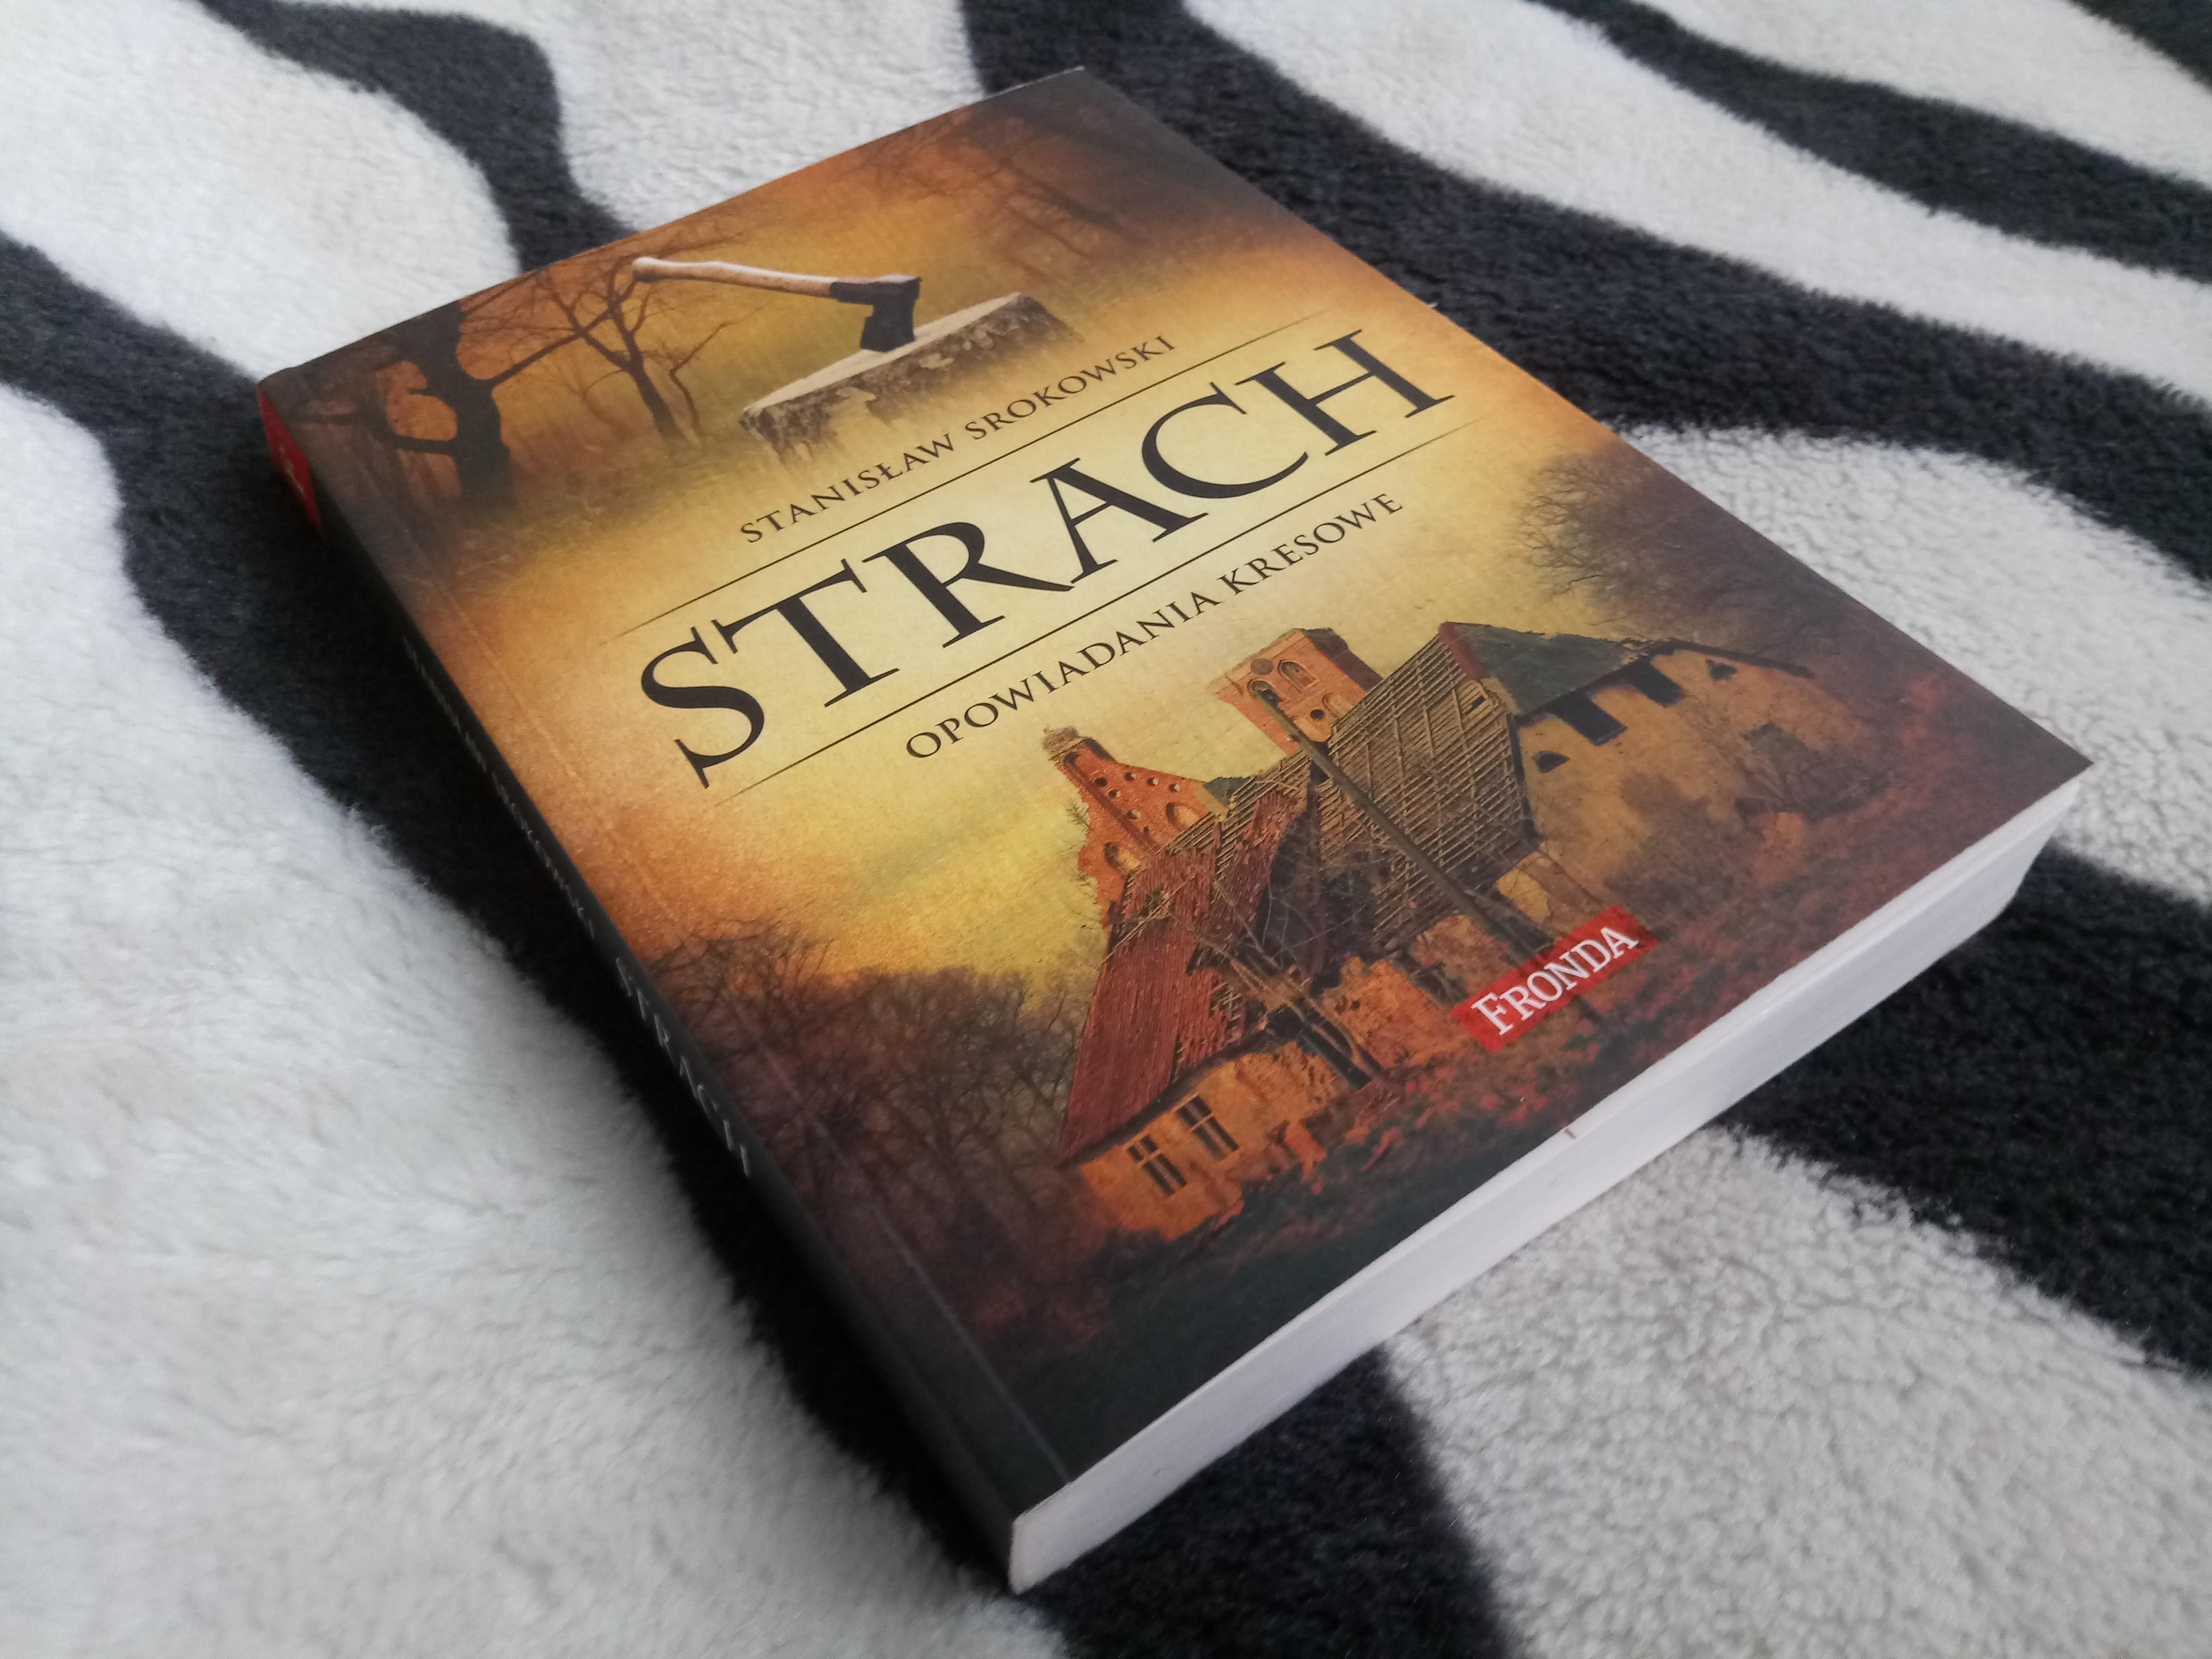 Strach. Opowiadania kresowe – Stanisław Srokowski